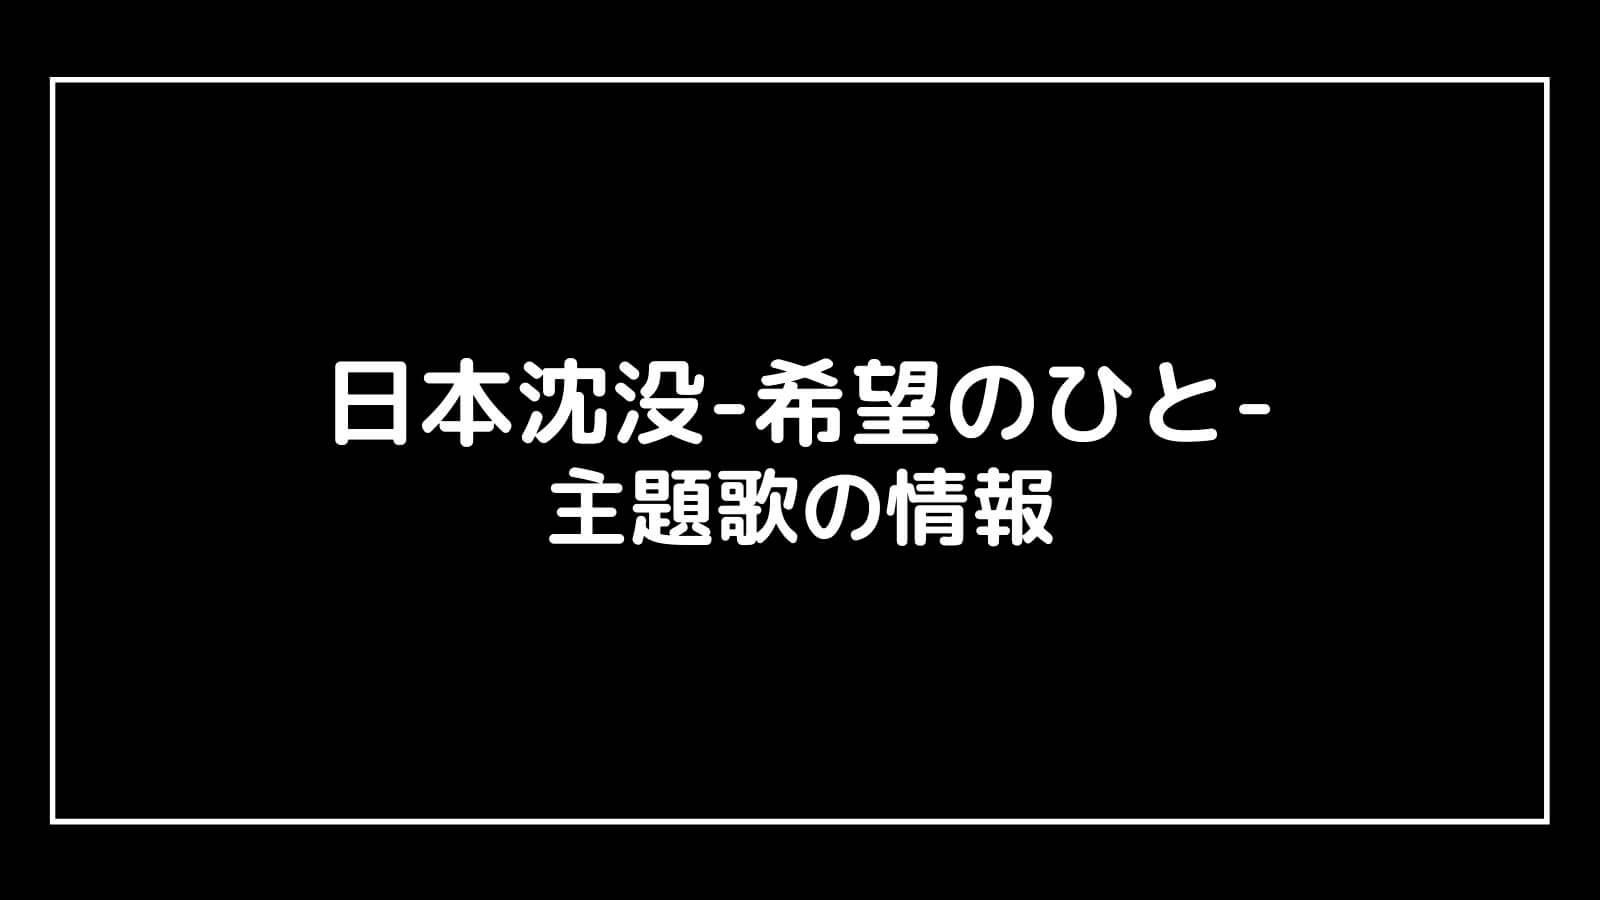 『日本沈没 希望のひと』の主題歌は?予想と現在わかっている情報まとめ